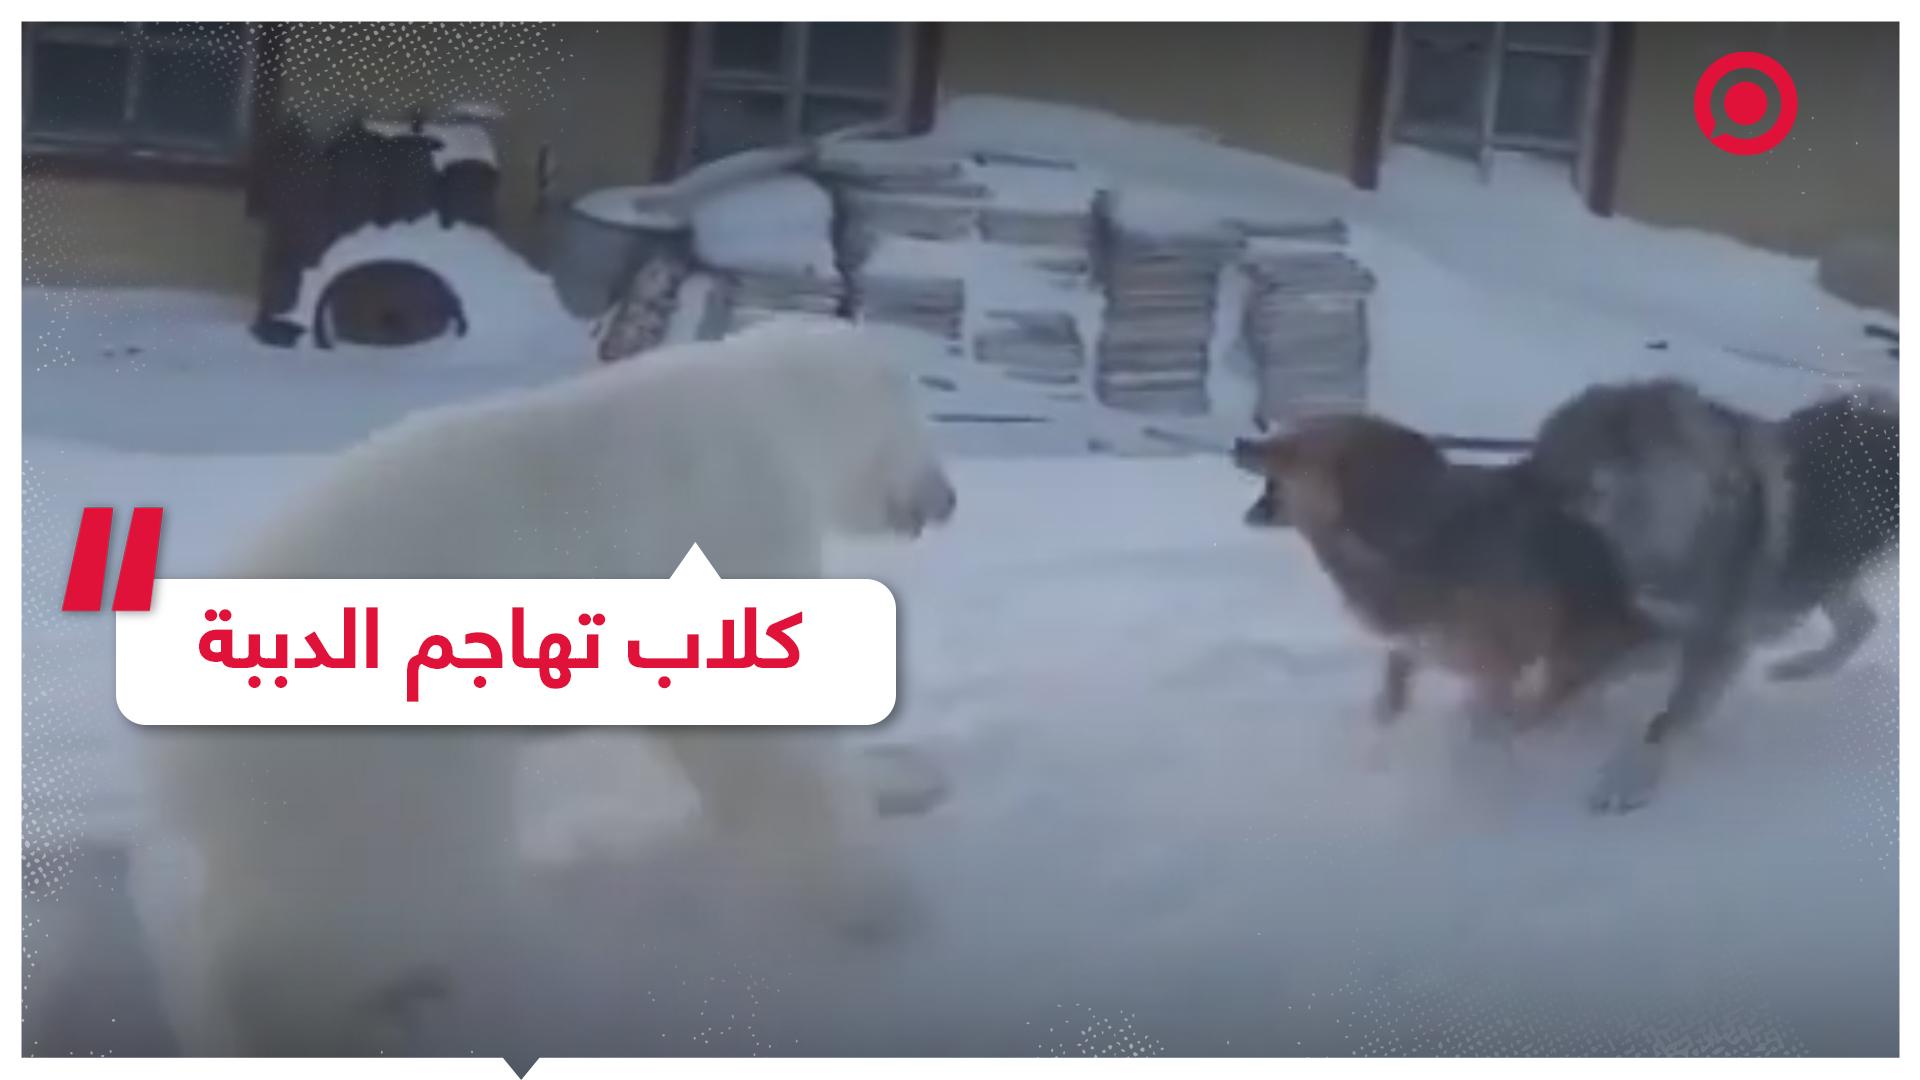 مجموعة كلاب تهاجم أنثى الدب القطبي وصغيريها